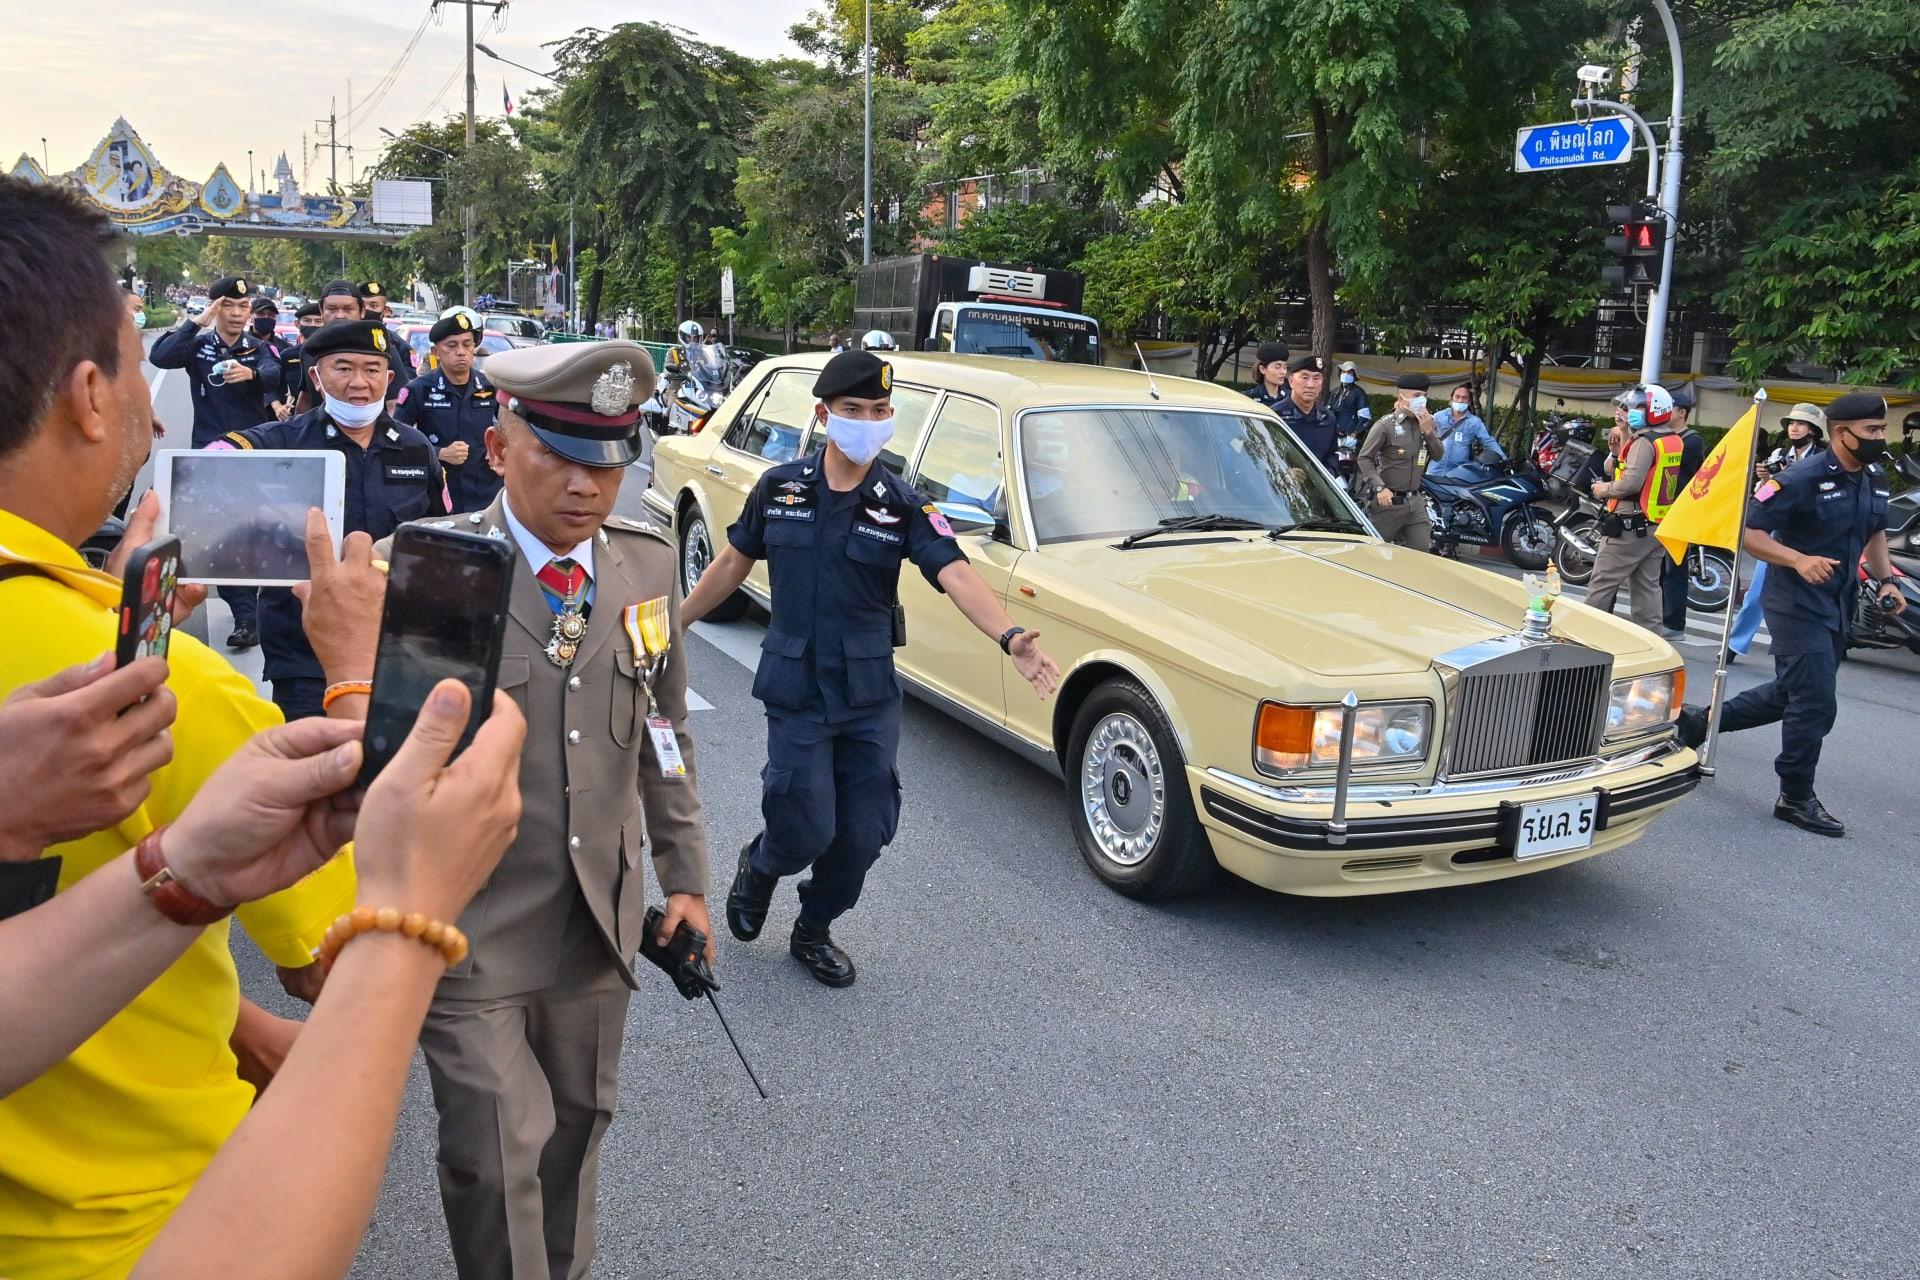 """متظاهران في تايلاند يواجهان عقوبة السجن مدى الحياة بتهمة """"العنف ضد الملكة"""""""